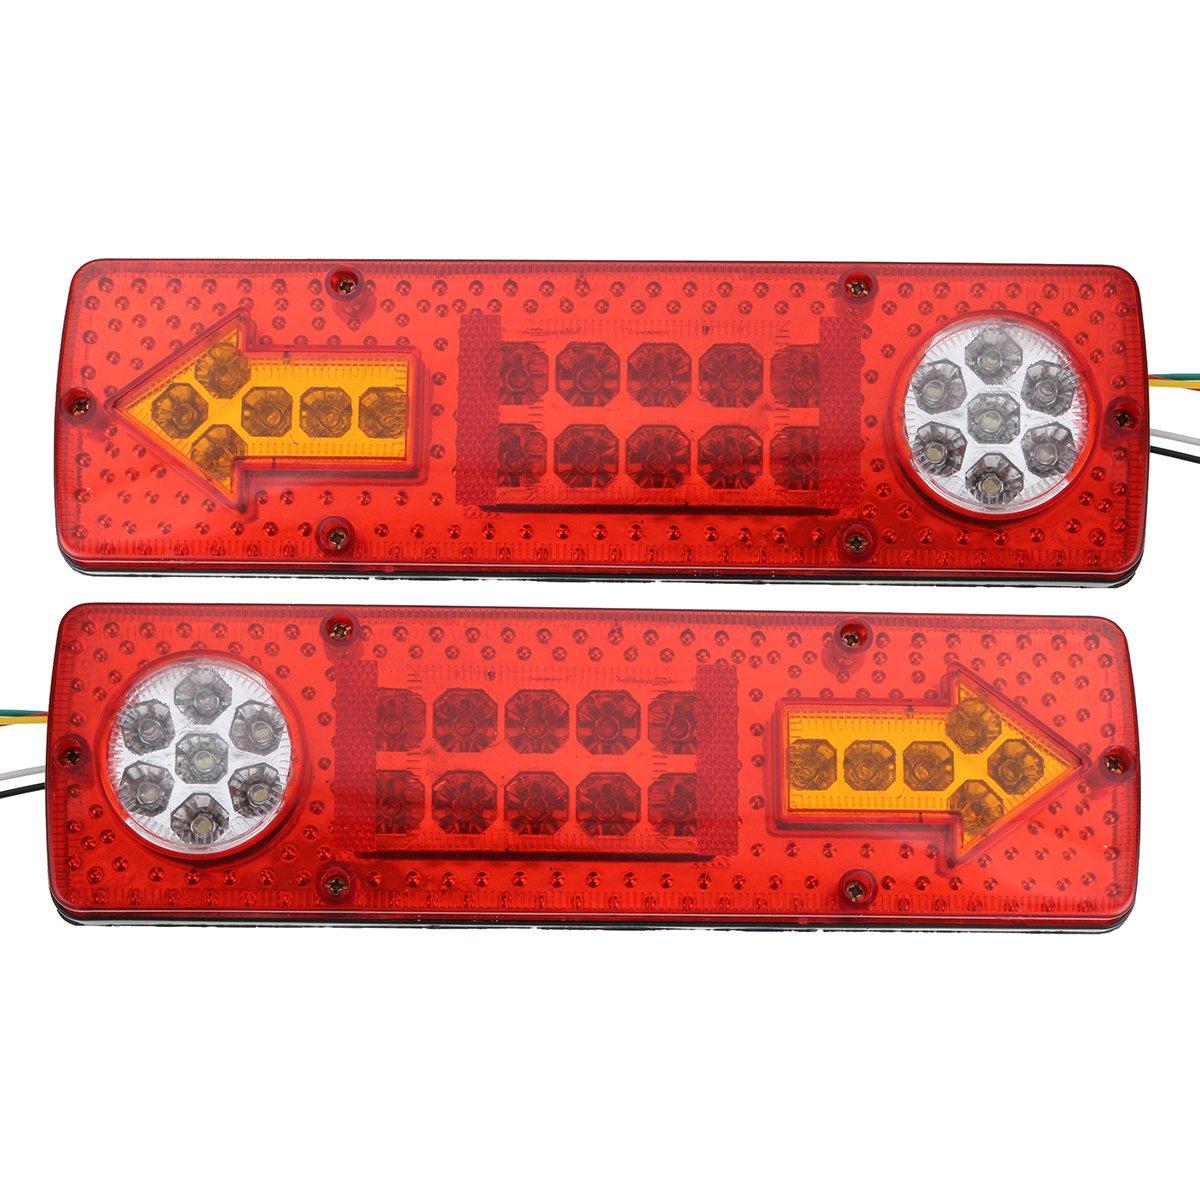 WINOMO luces traseras LED coche 12/V faros Direcci/ón y freno para remolque 2pcs